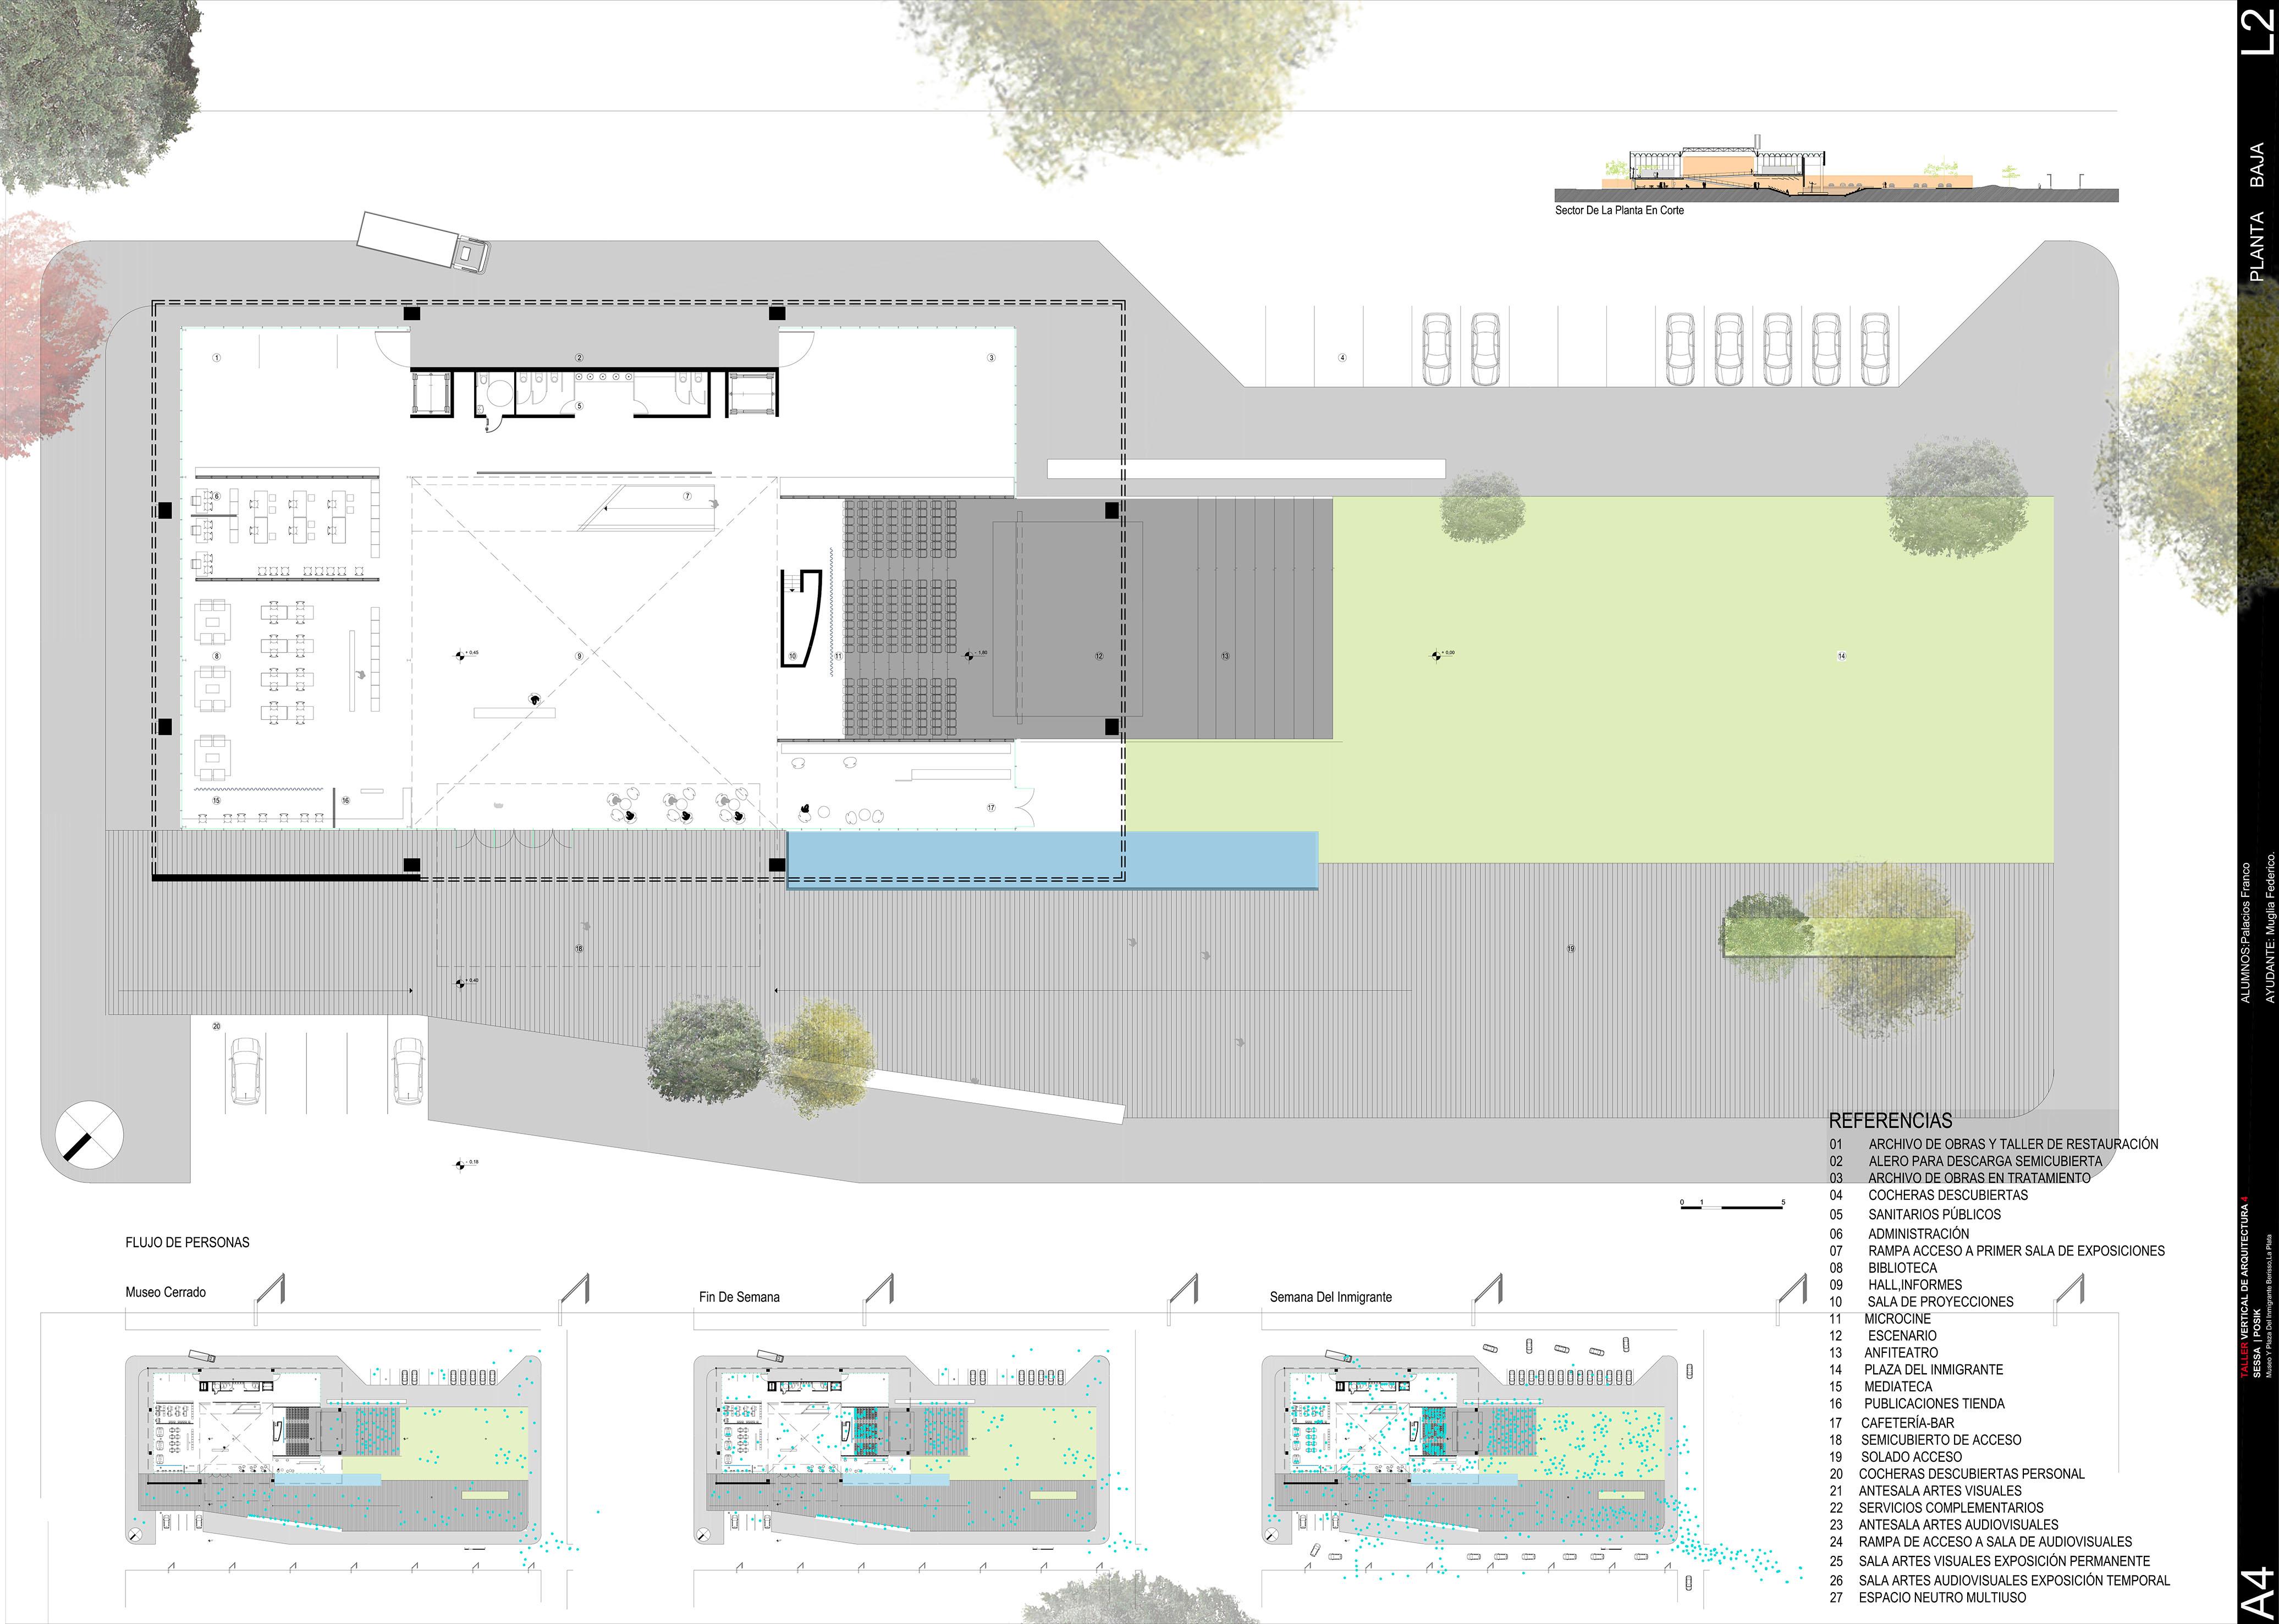 Museo Y Plaza entregaa PLANTA BAJA 150dpi